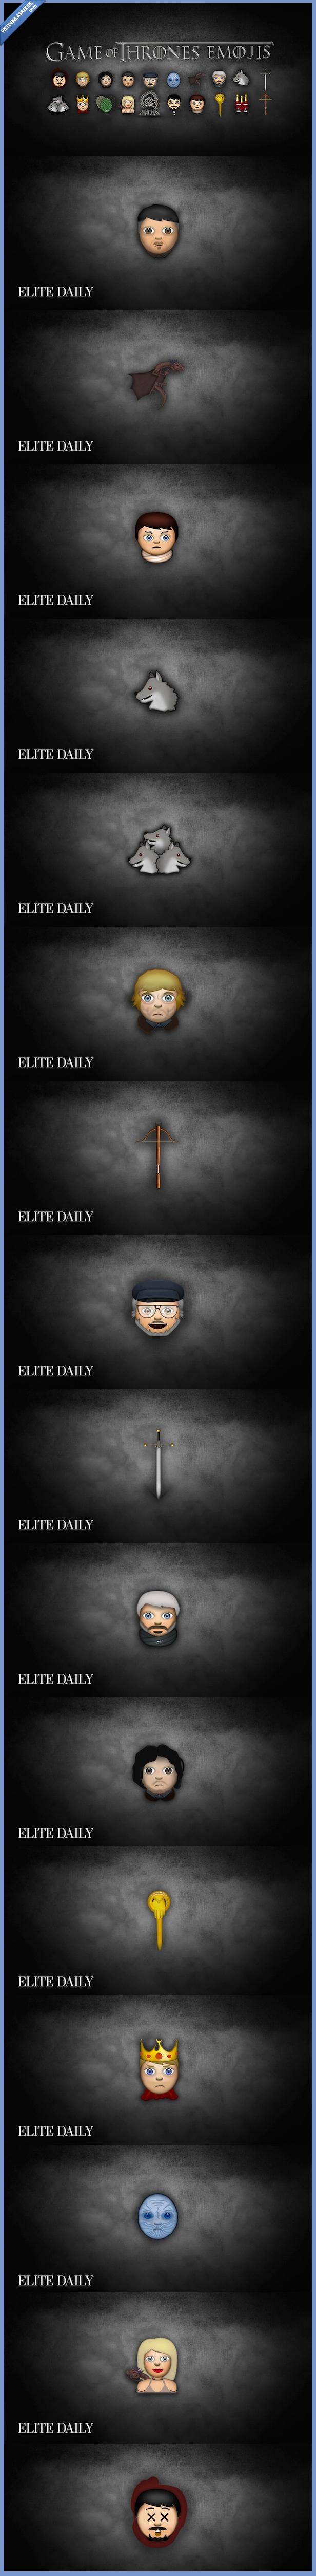 emojiis,emoticonos,game of thrones,juego de tronos